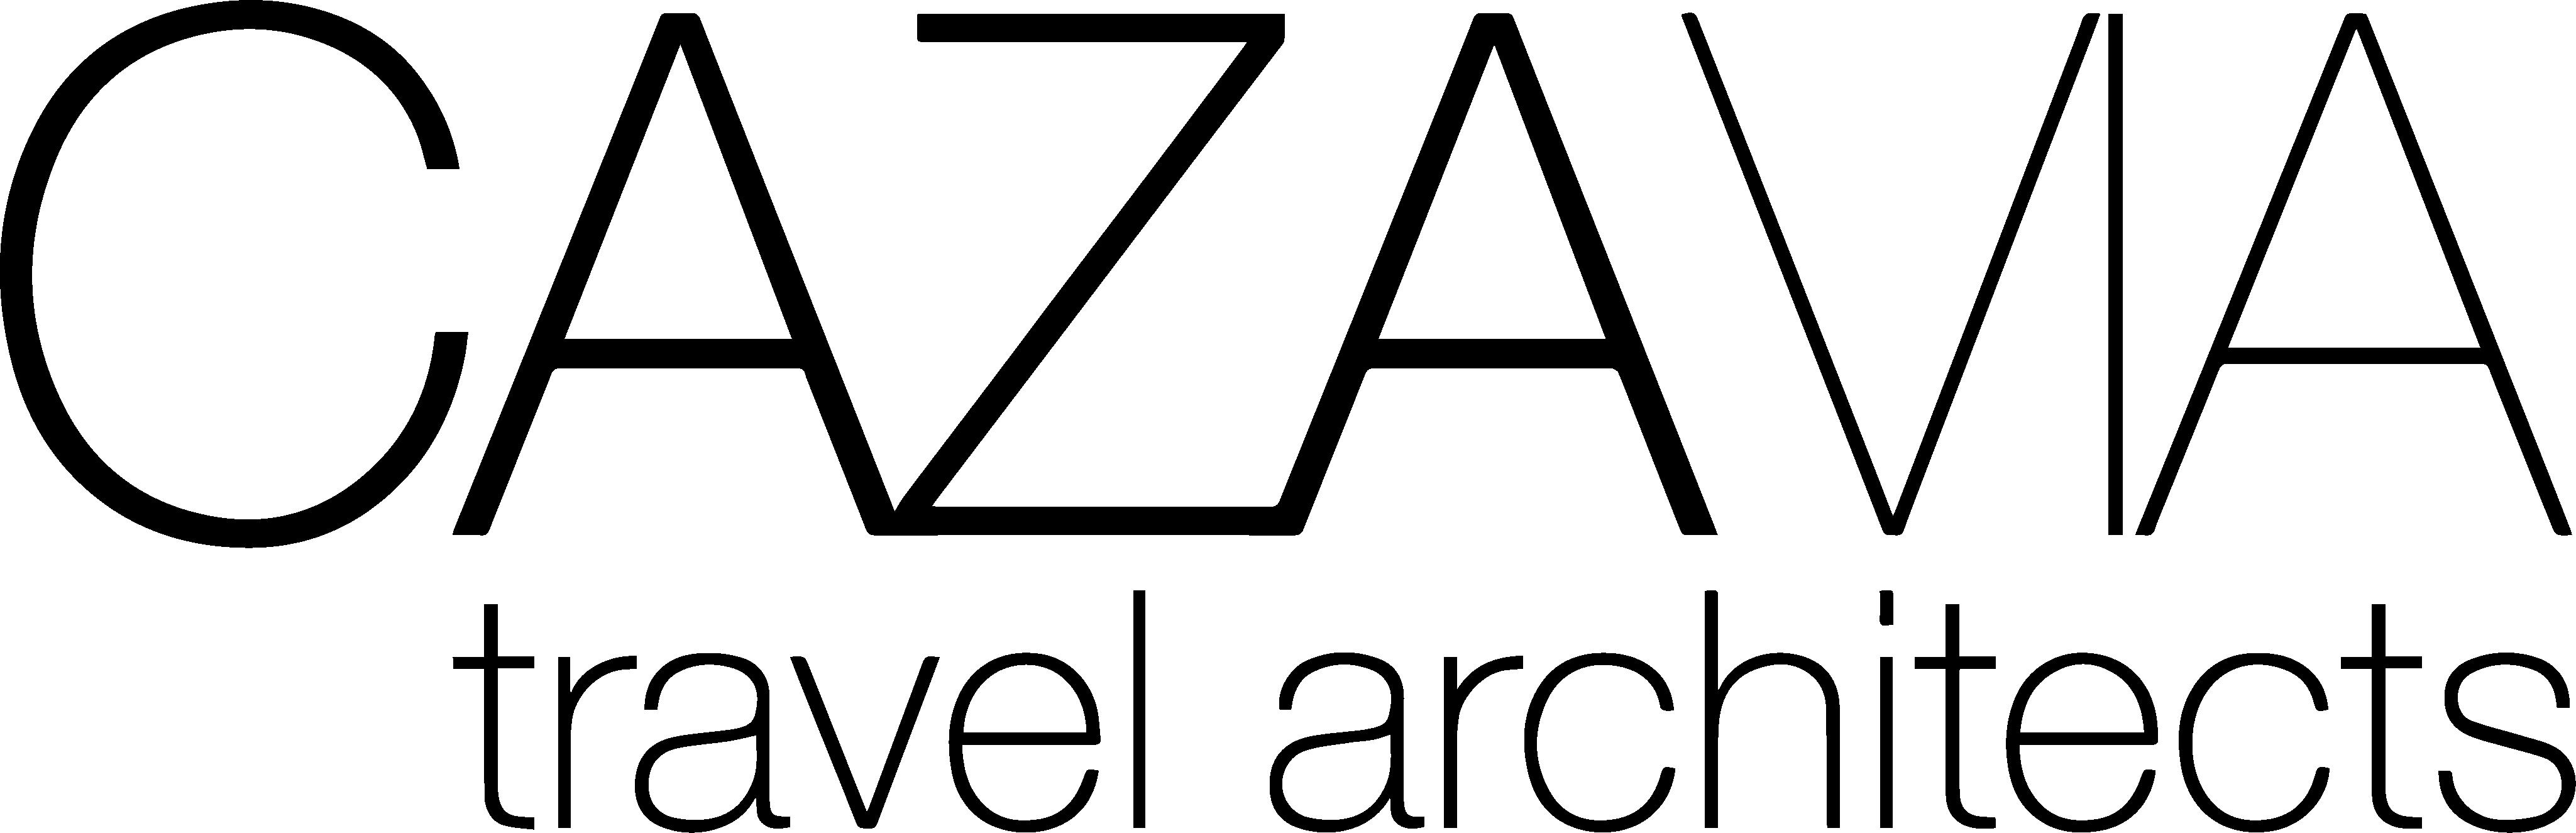 CAZAVIA